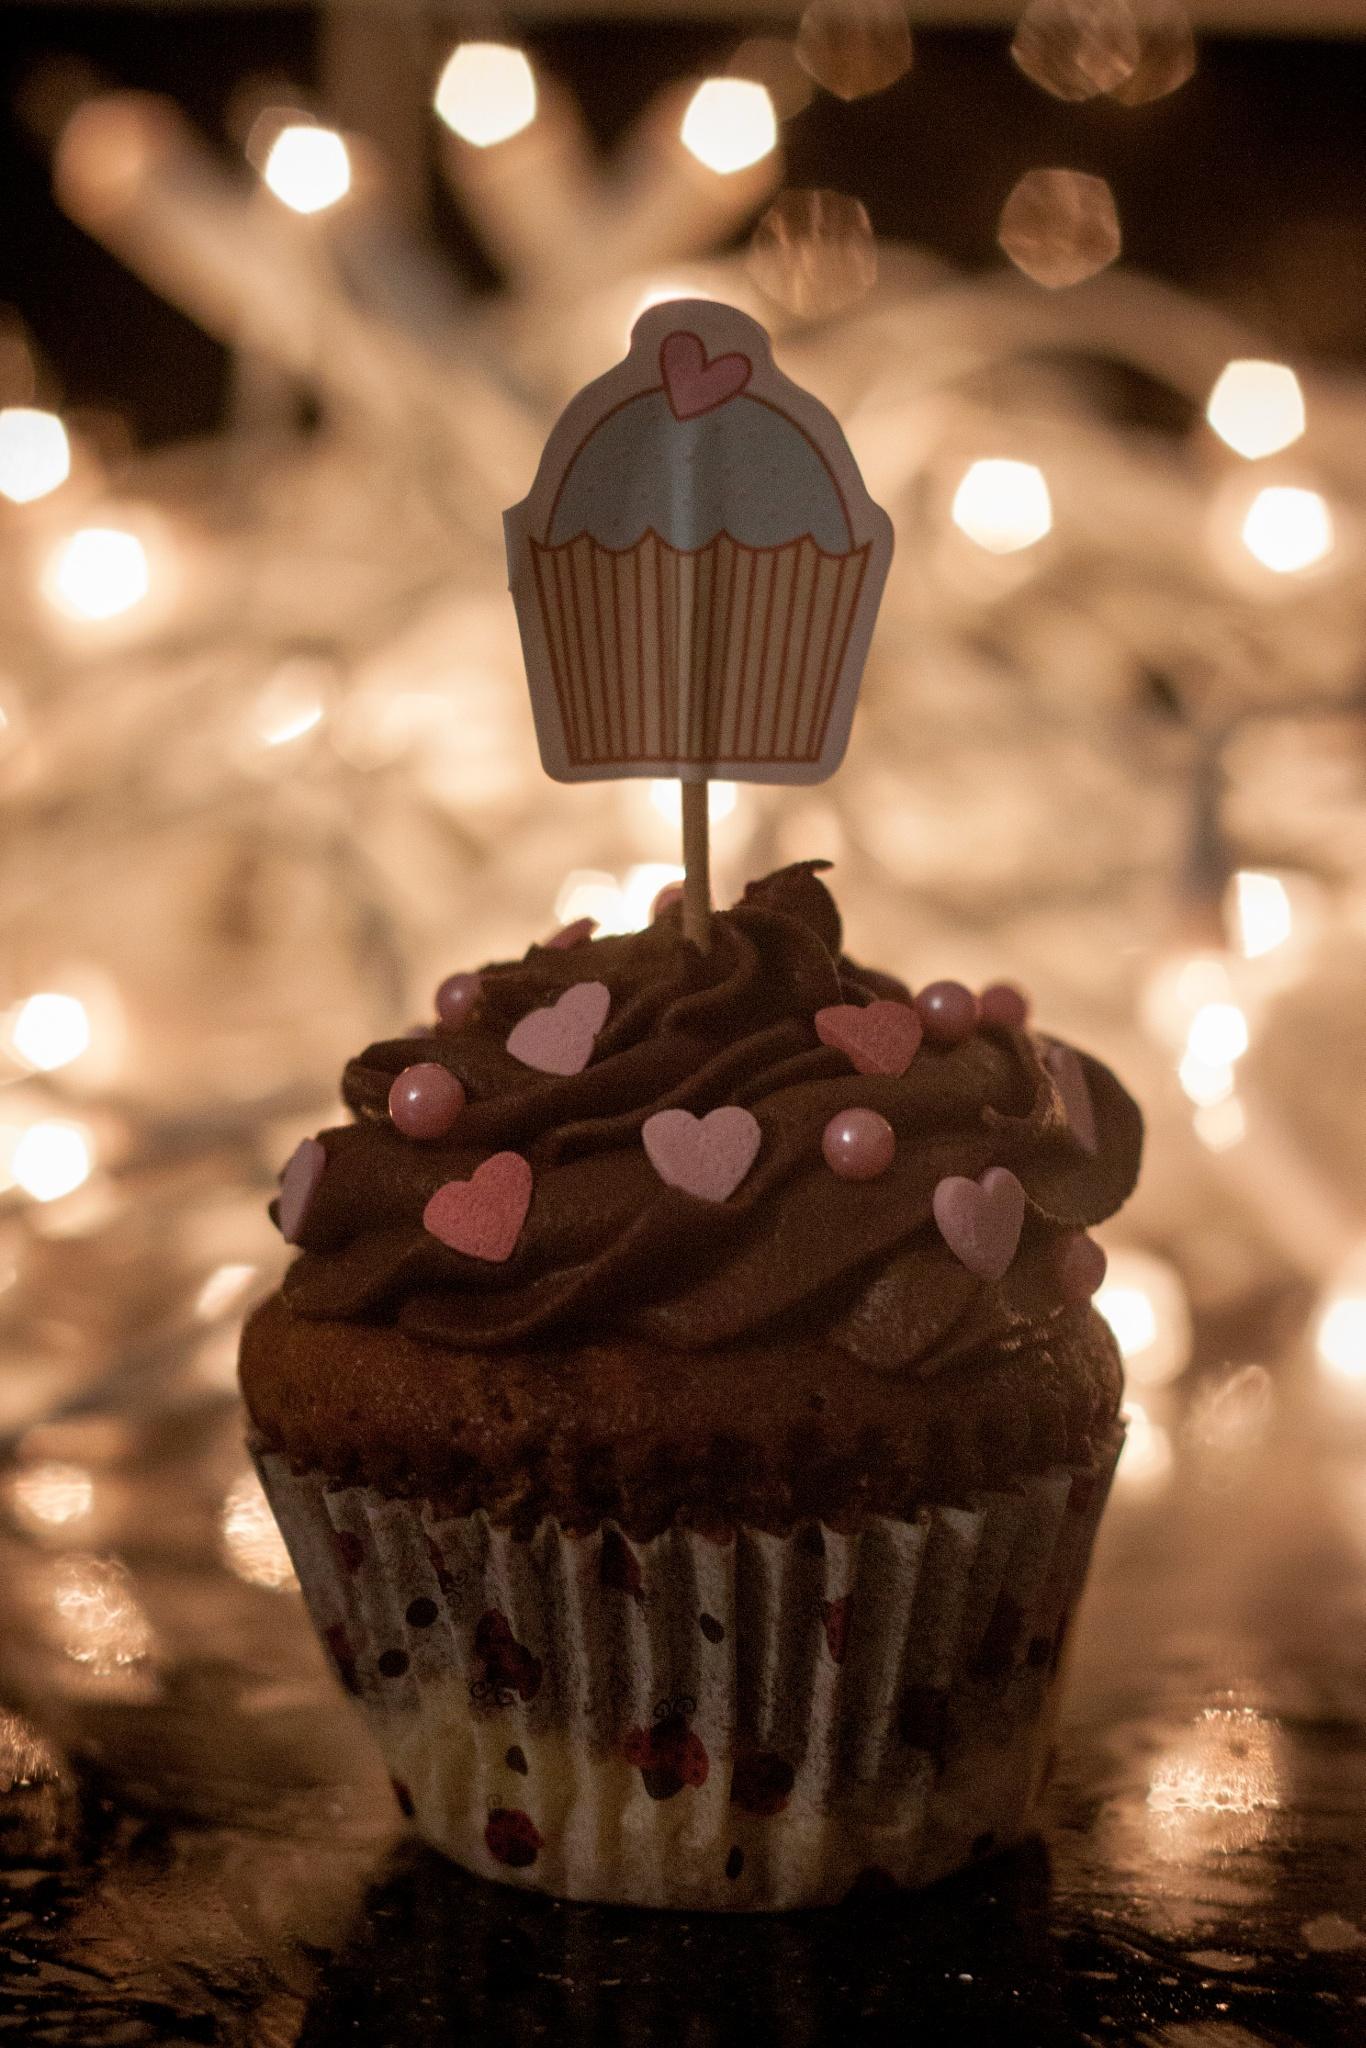 Cupcake  by hayley.pallett